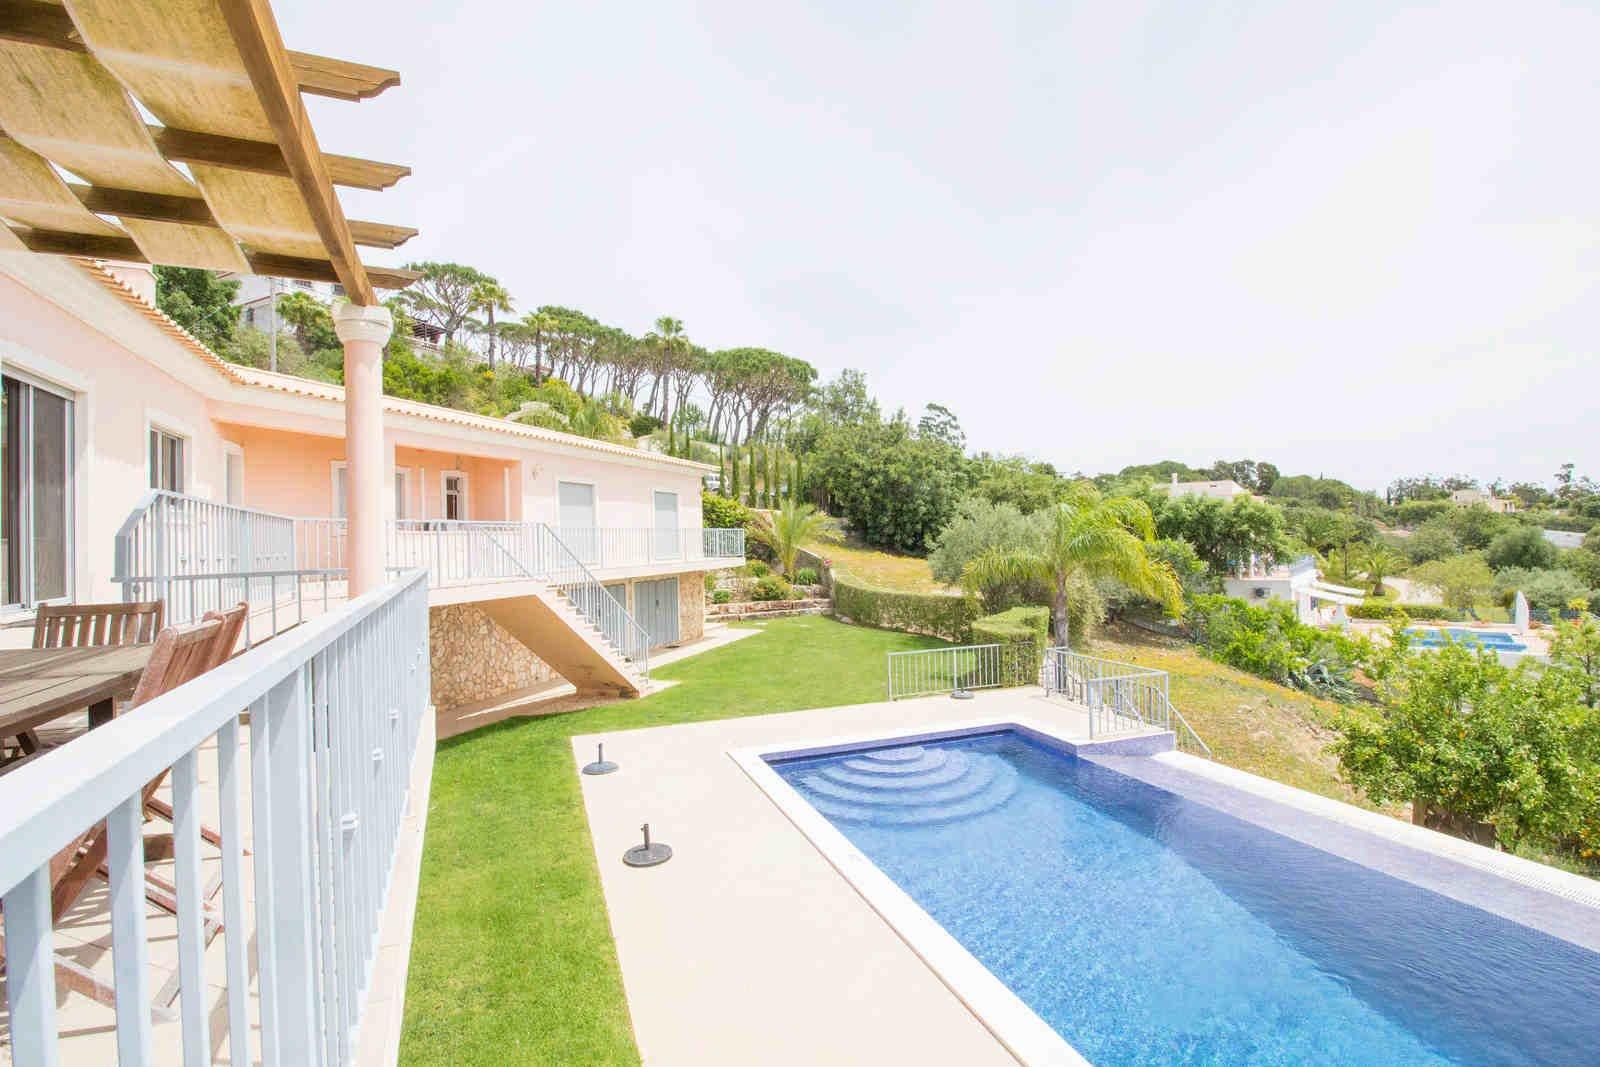 3 Bedroom Villa Sao Bras de Alportel, Central Algarve Ref: PV3475